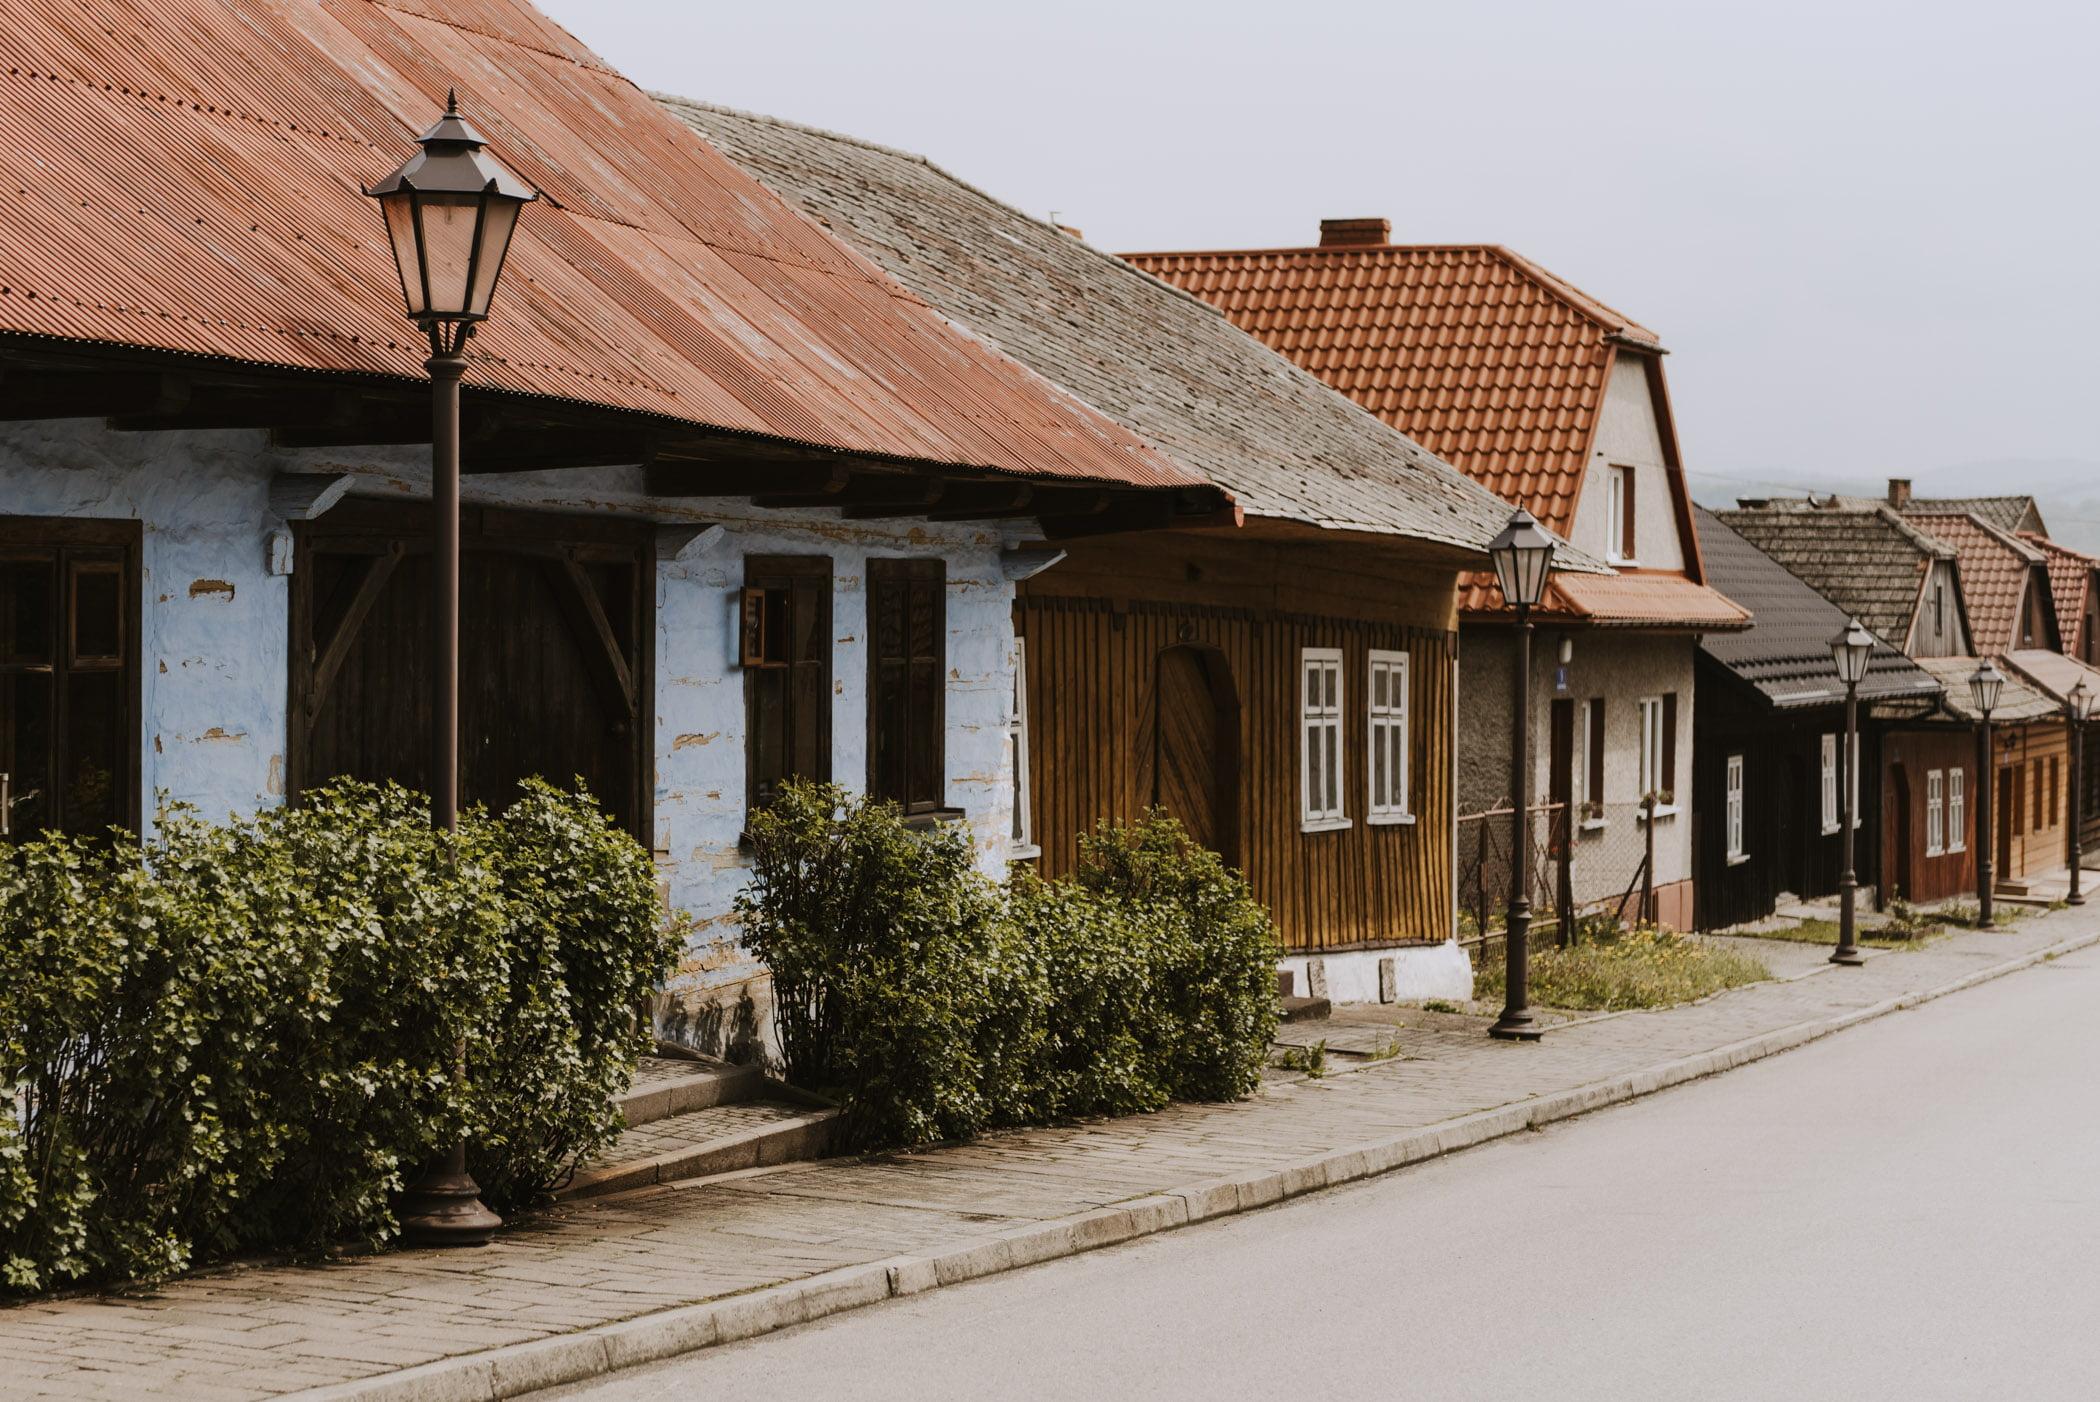 Malownicze wsie wPolsce - Lanckorona